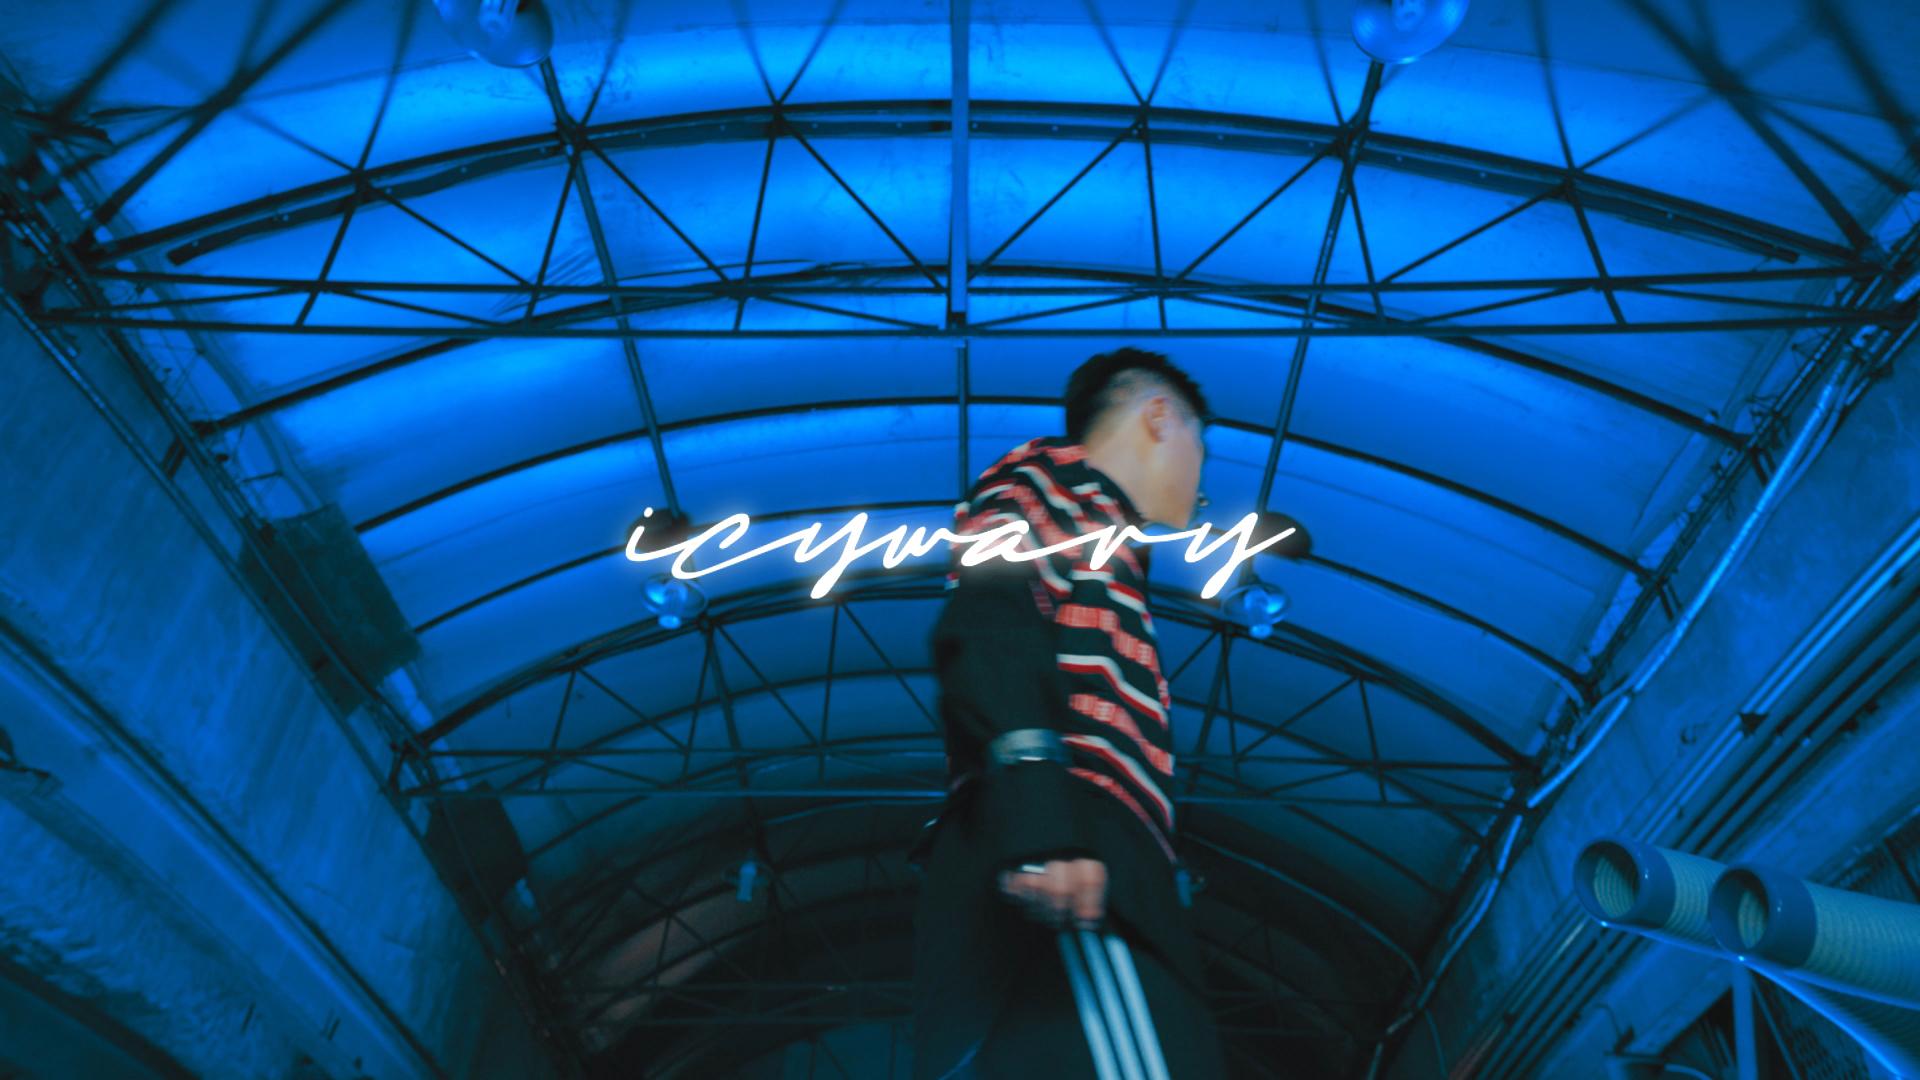 $ammy - 'icywavy (Feat.Colde)' MV